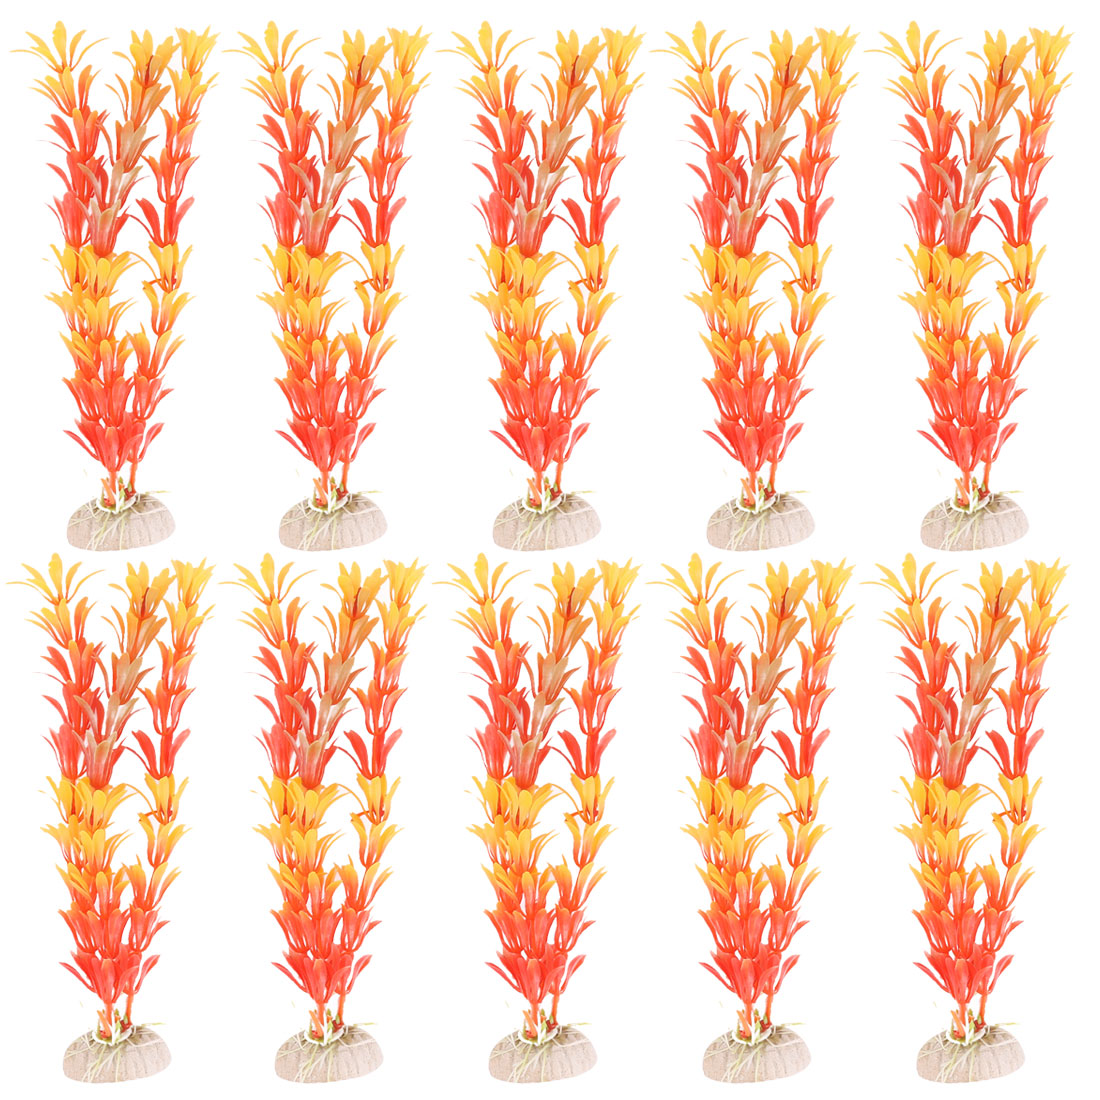 10pcs Artificial Plastic Decor Plant Grass for Aquarium Orange - image 1 of 1